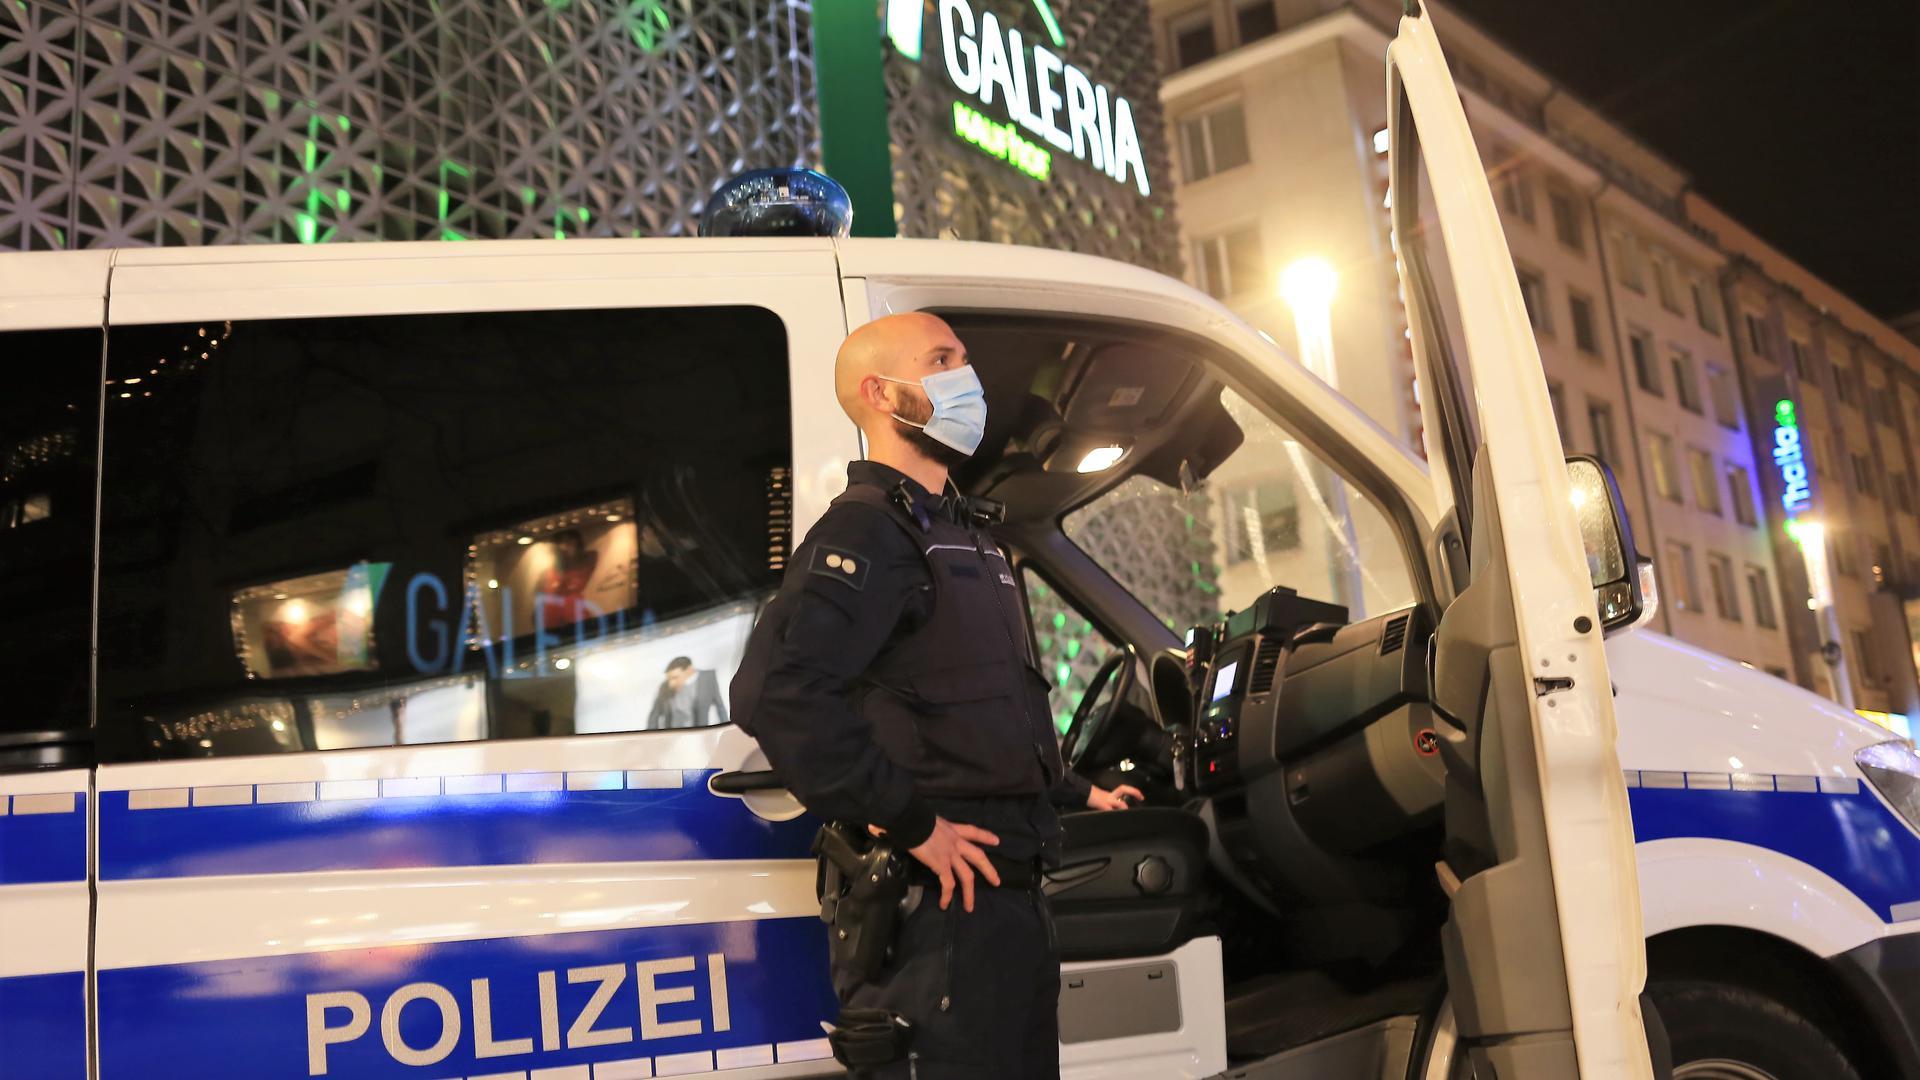 Auge des Gesetzes: Bereitschaftspolizisten aus Bruchsal kontrollieren am Donnerstag in der Pforzheimer Fußgängerzone die Corona-Regeln.